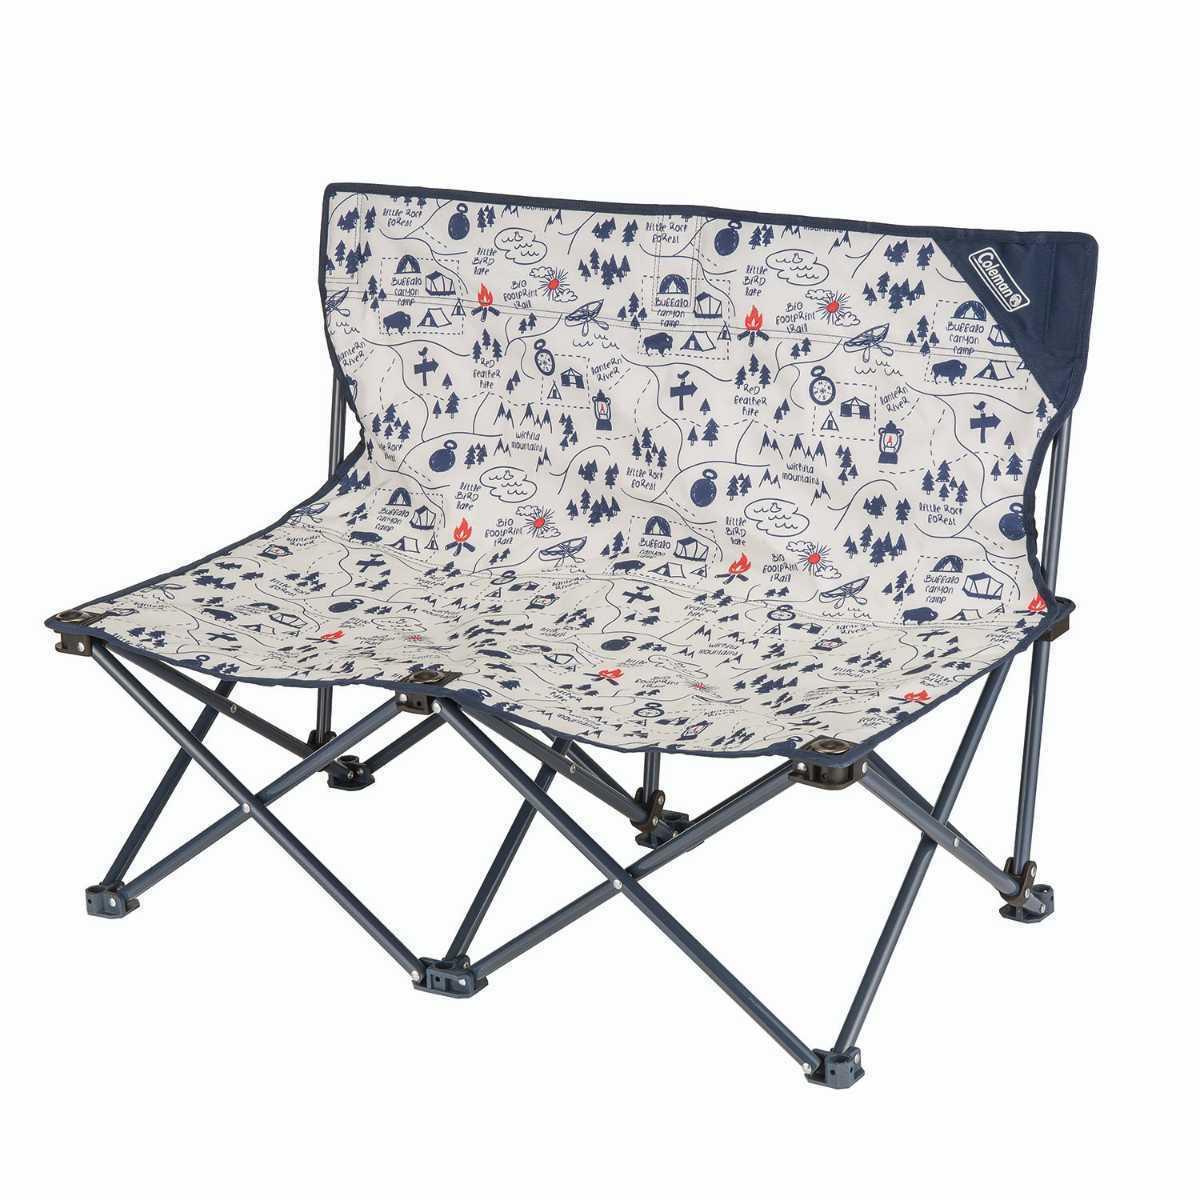 コールマン Coleman 2000033438 ファンチェアダブル キャンプマップ 2点セット ファン チェア ダブル キャンプ マップ アウトドア 椅子